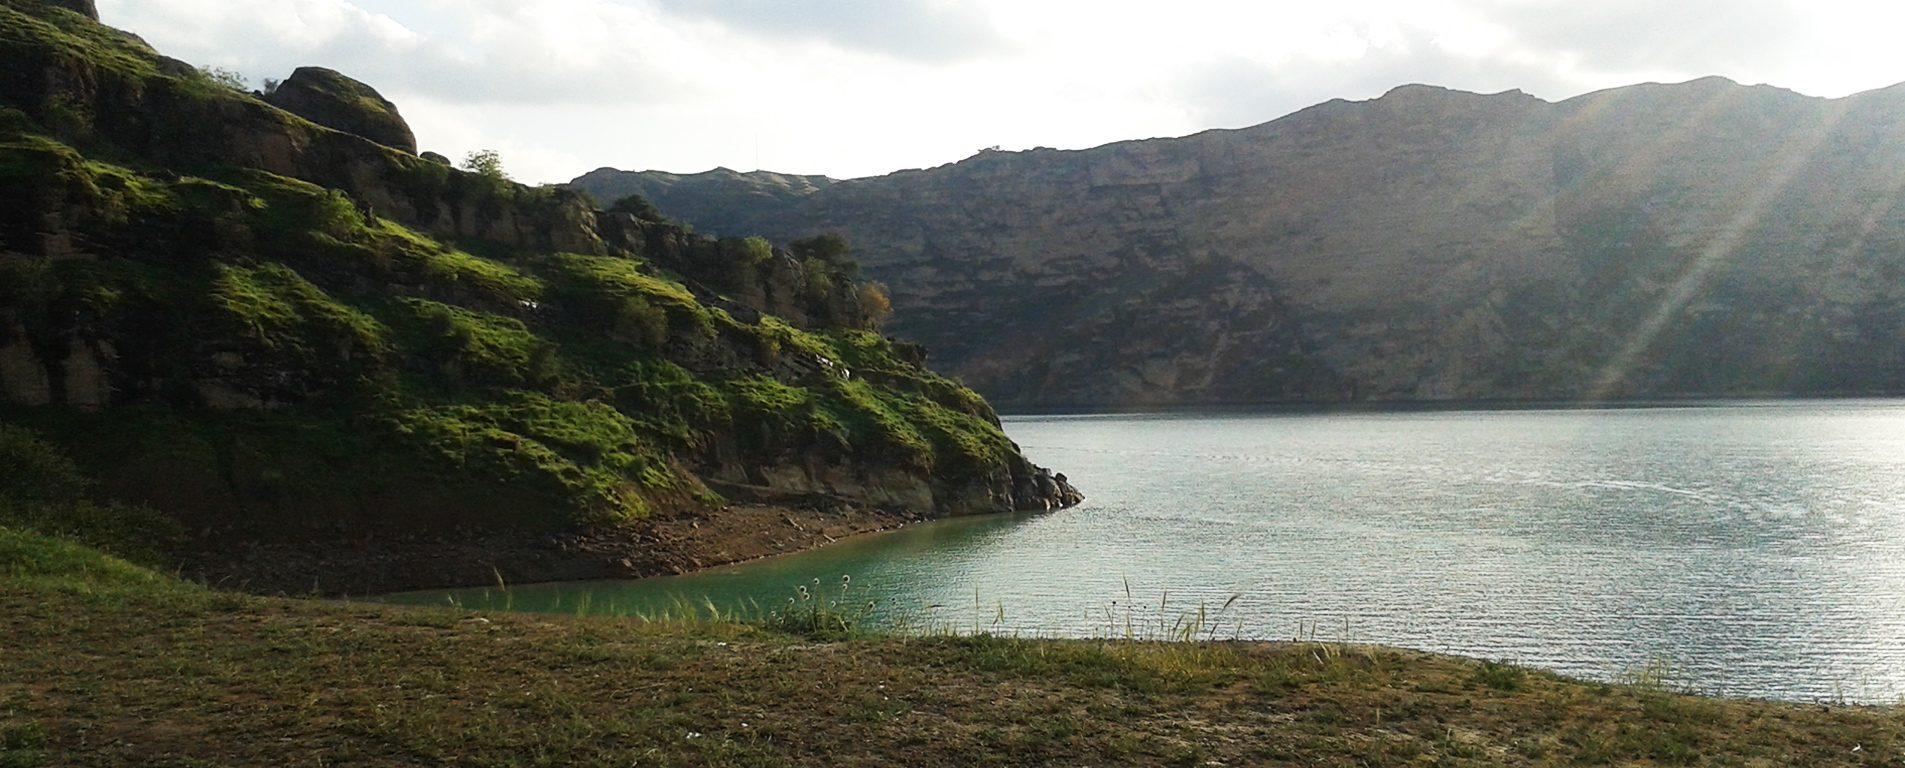 روستای پامنار دزفول ، طبیعتی خوش آبوهوا به رنگ بهشت